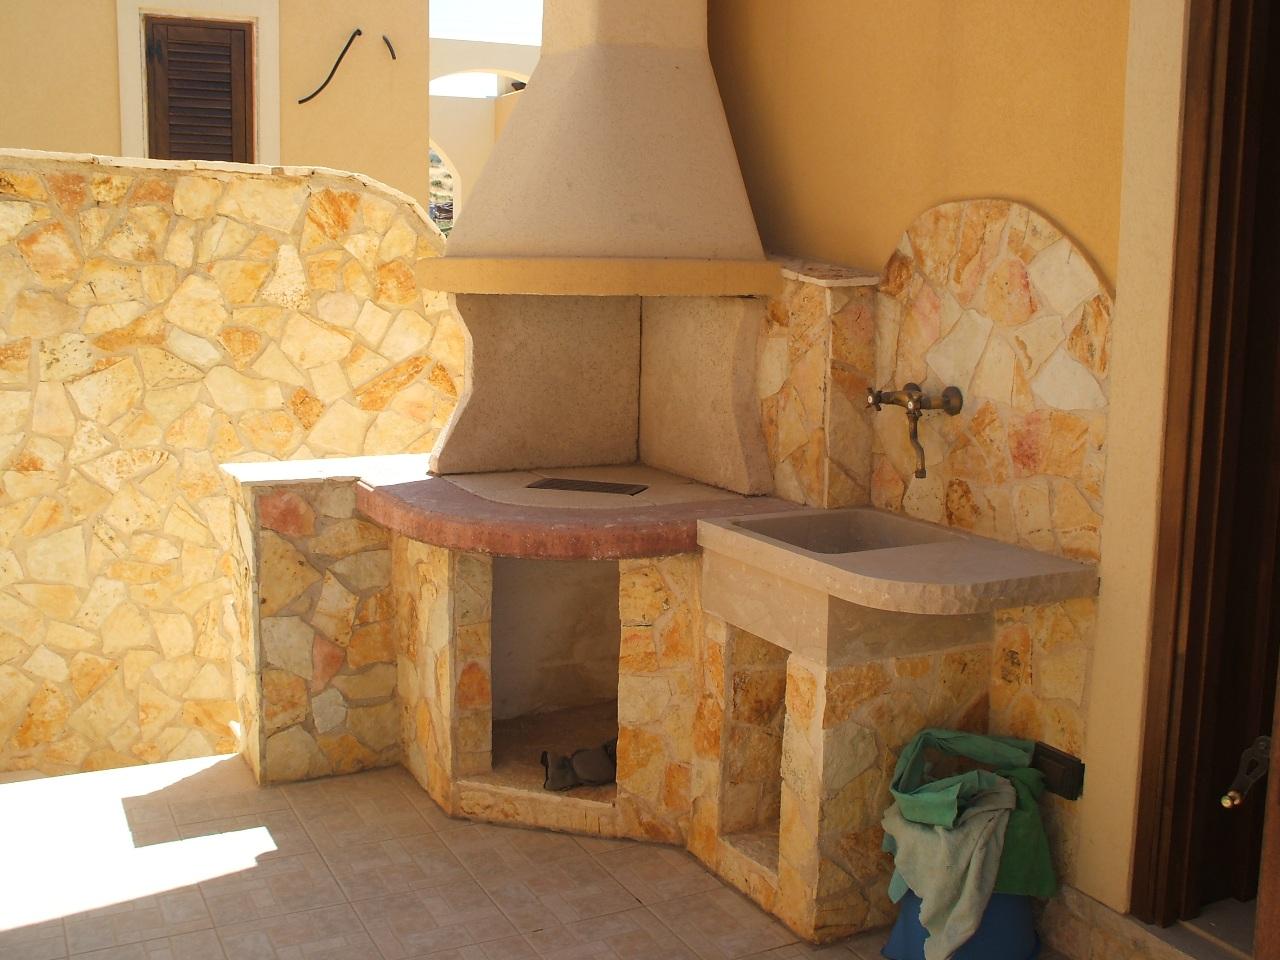 Pitturare muri interni cool come stendere la pittura - Decorazioni muri interni ...